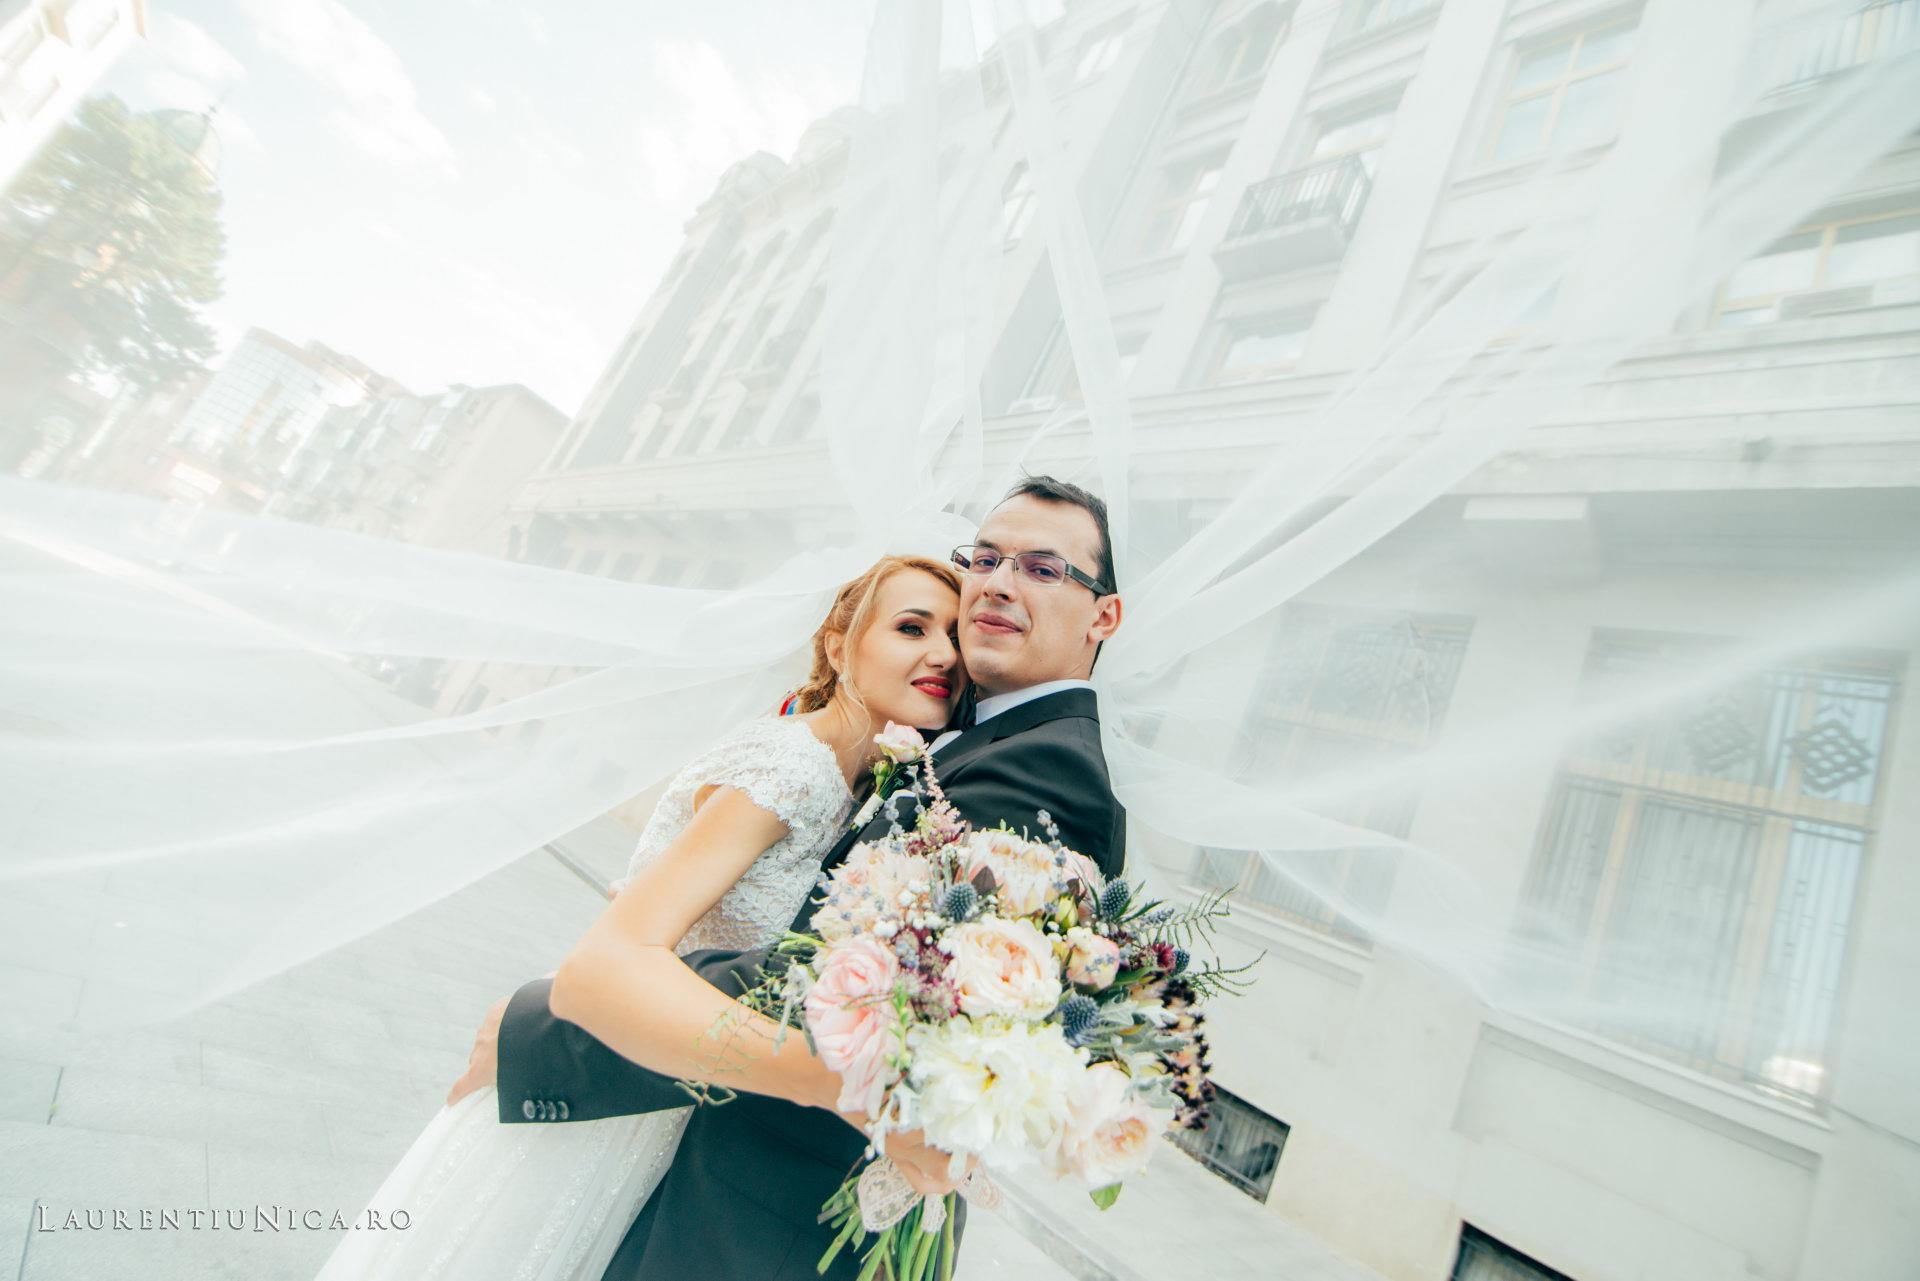 alina si razvan craiova fotograf nunta laurentiu nica49 - Alina & Razvan | Fotografii nunta